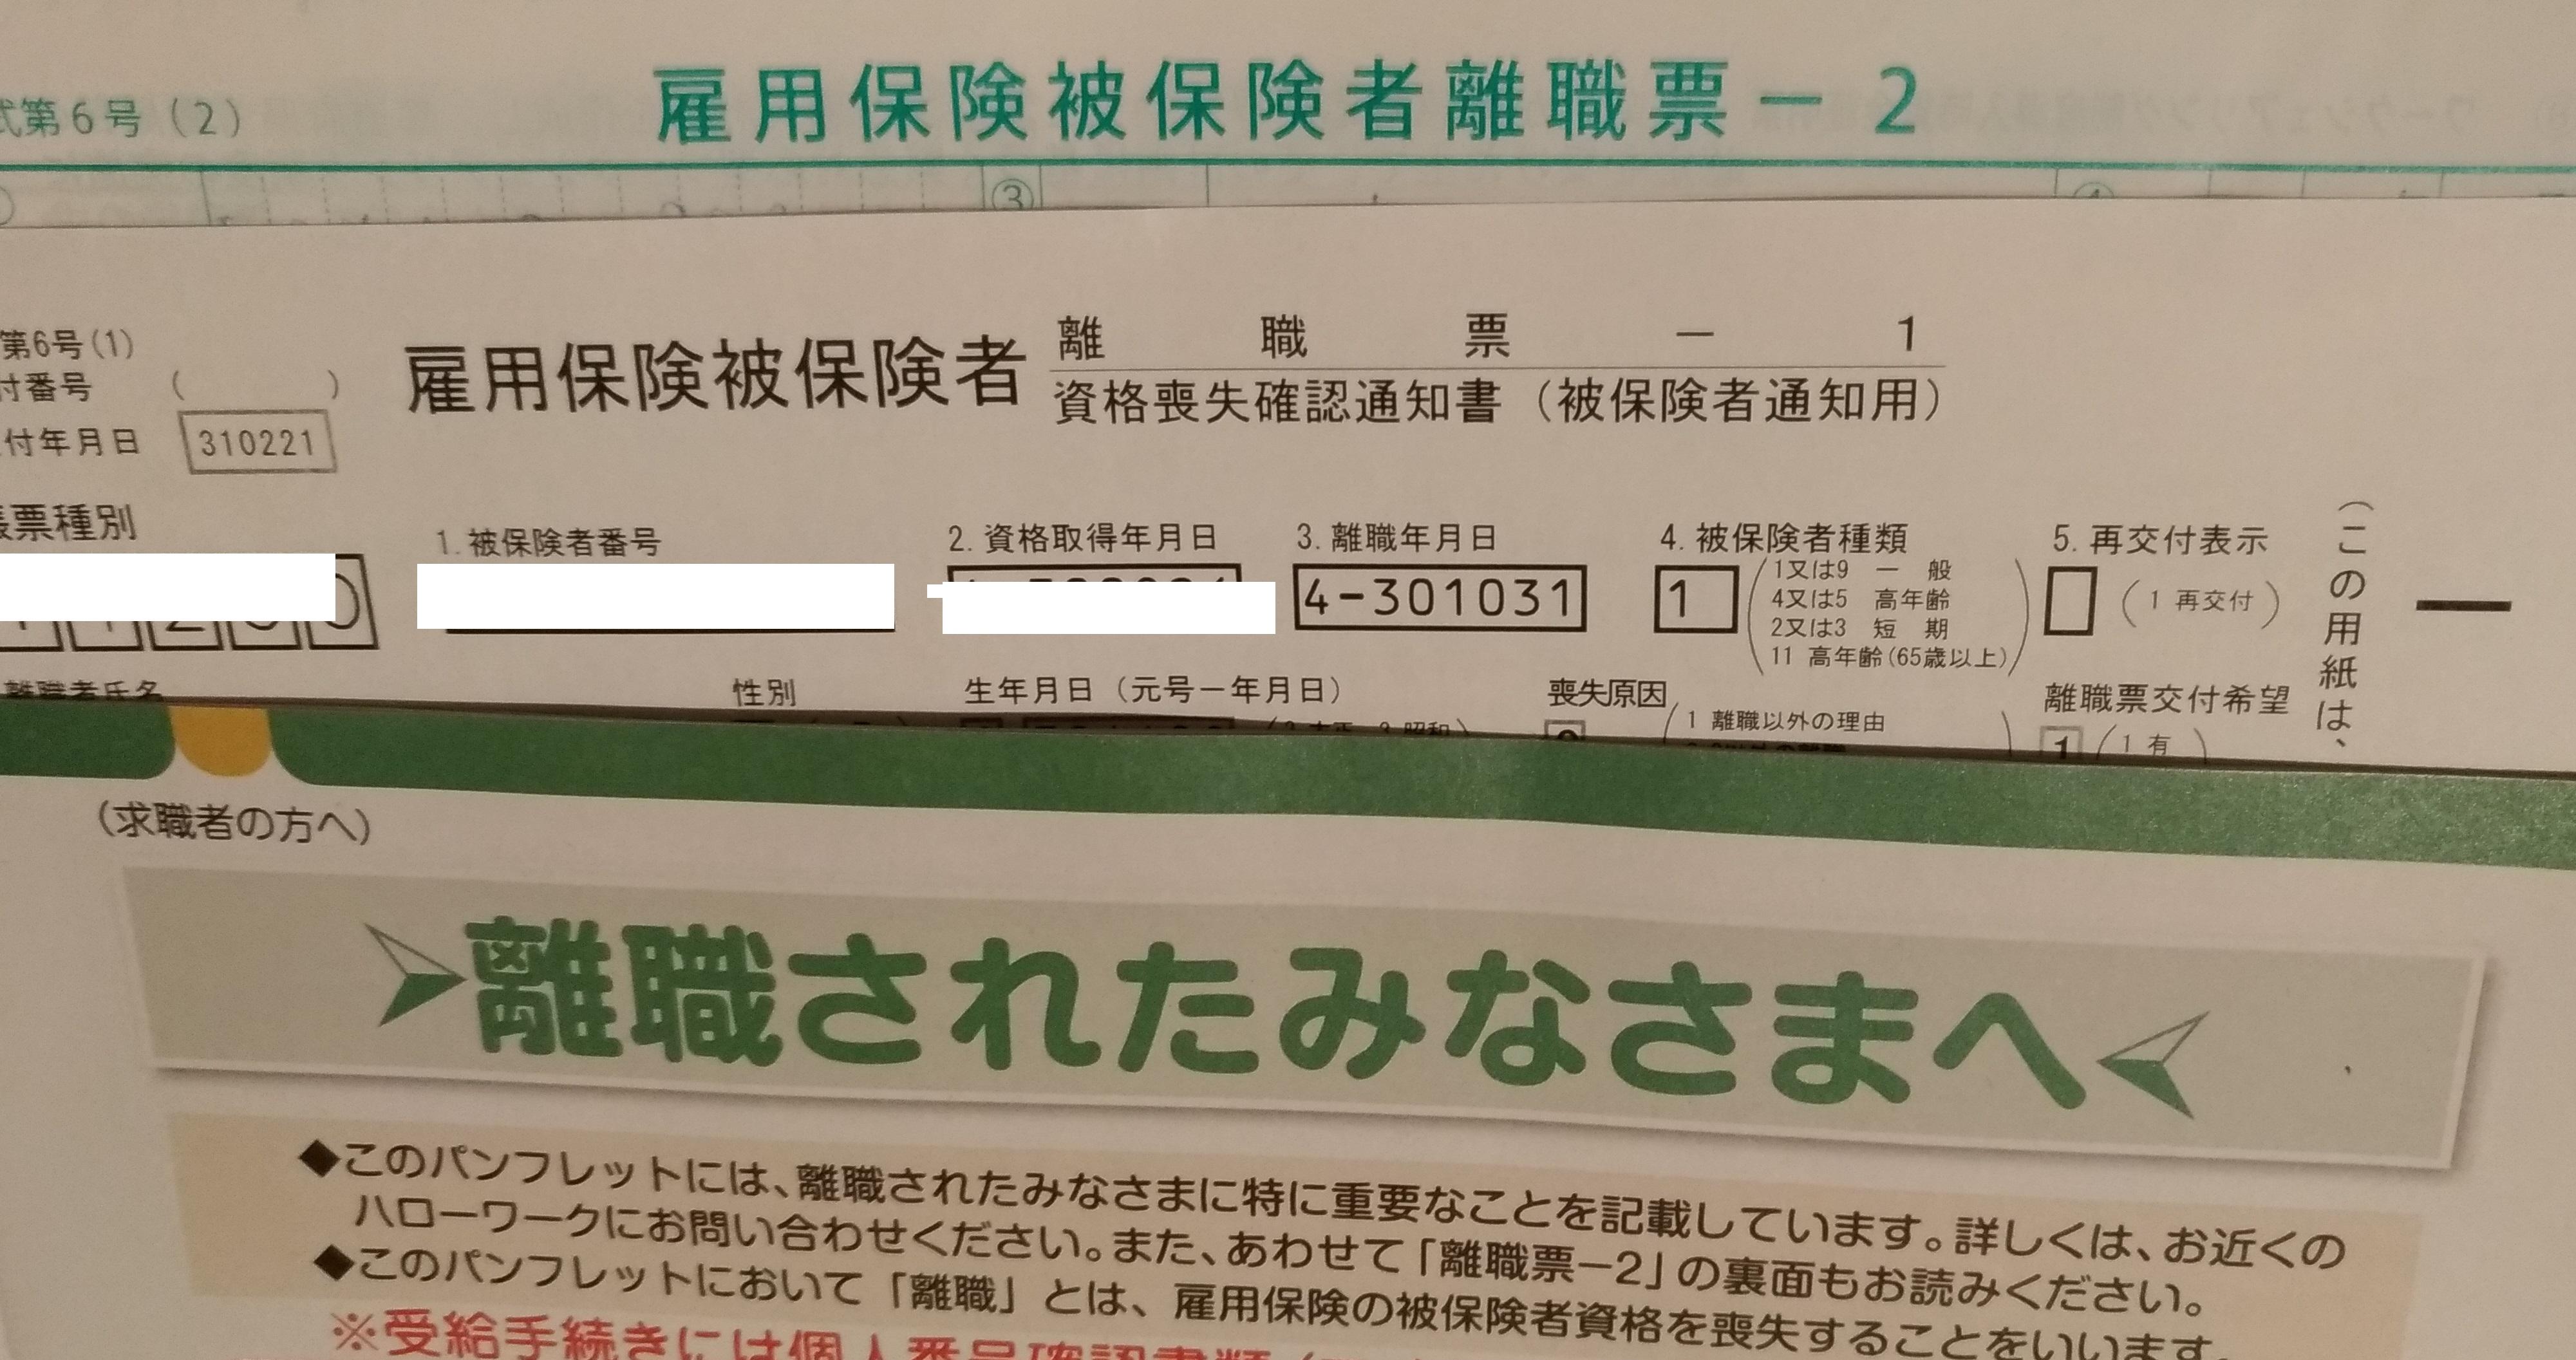 koyohoken_kaisya_taishoku_shorui.jpg